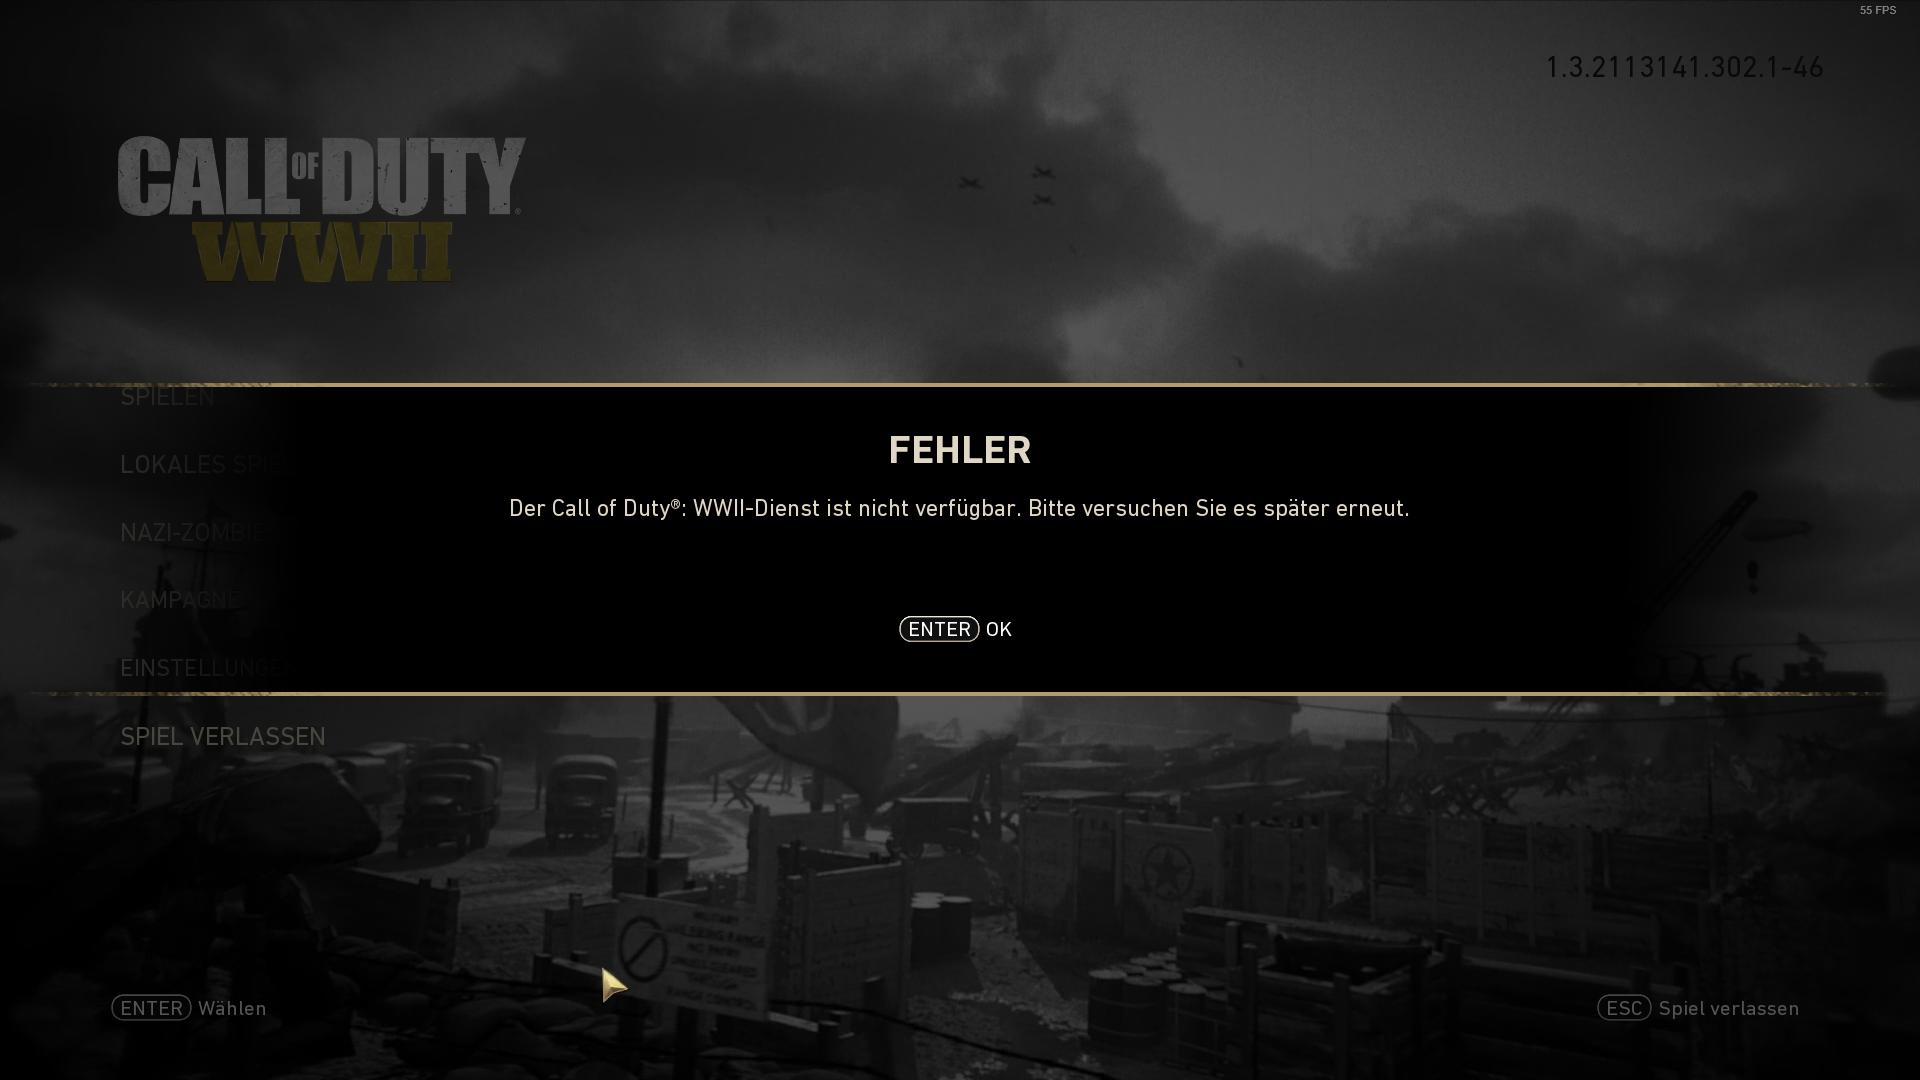 Der Call of Duty: WWII-Dienst ist nicht verfügbar. Bitte versuchen Sie es später erneut.